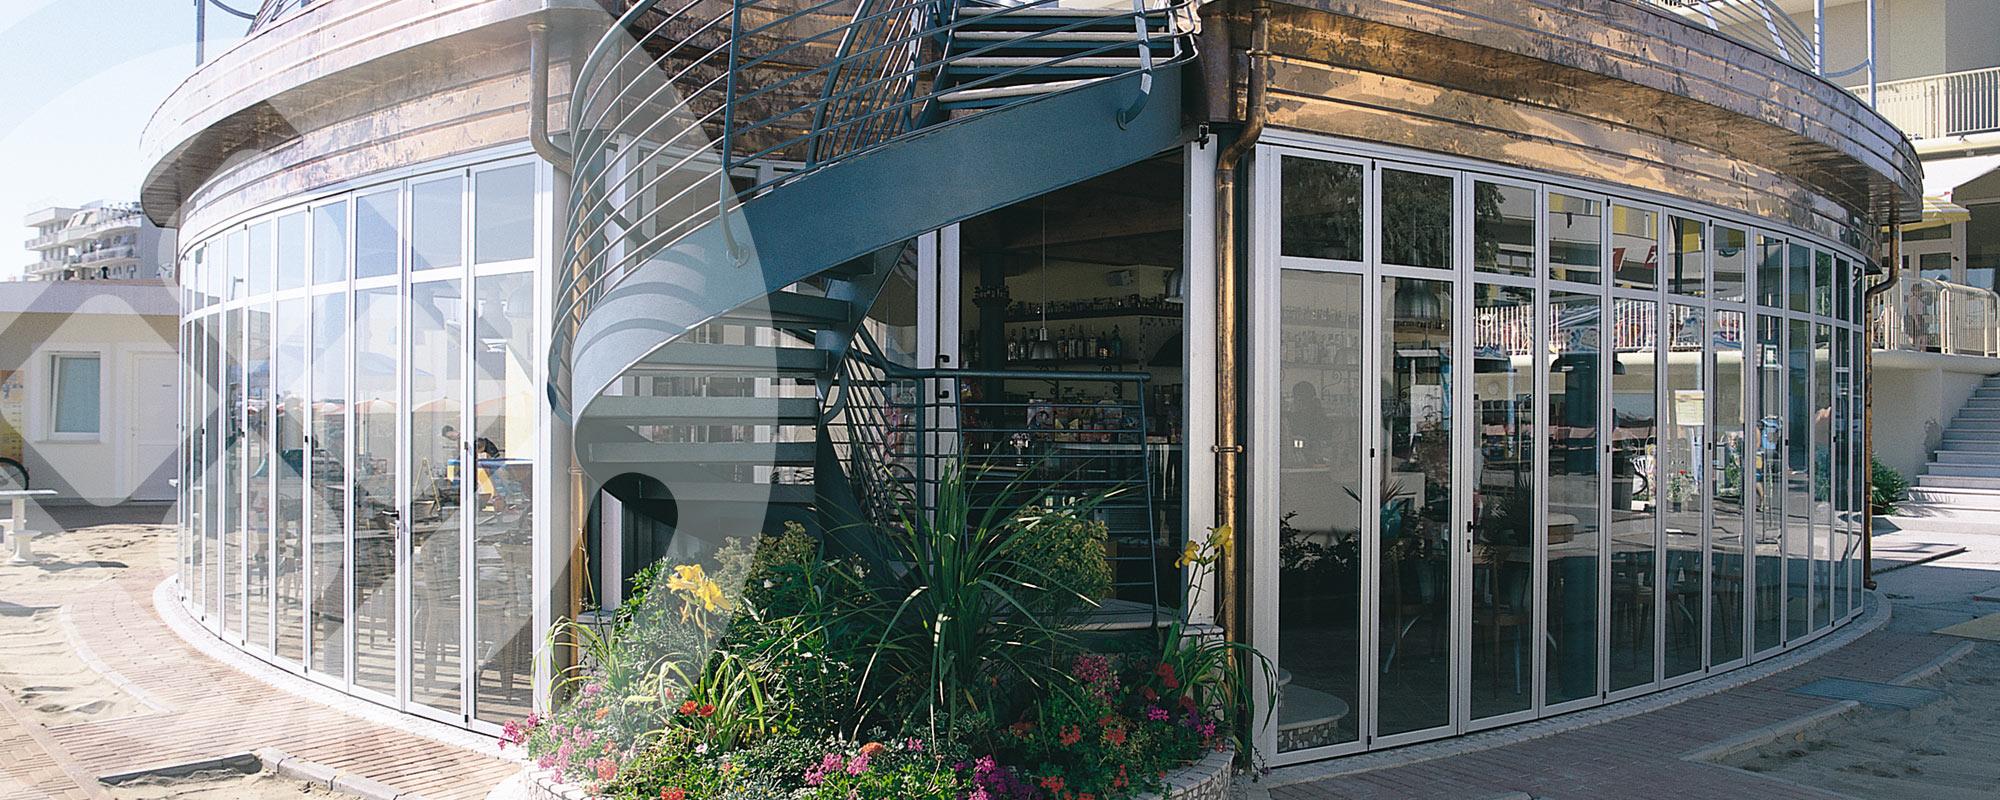 fabricantes-ventanas-pvc-costa-del-sol